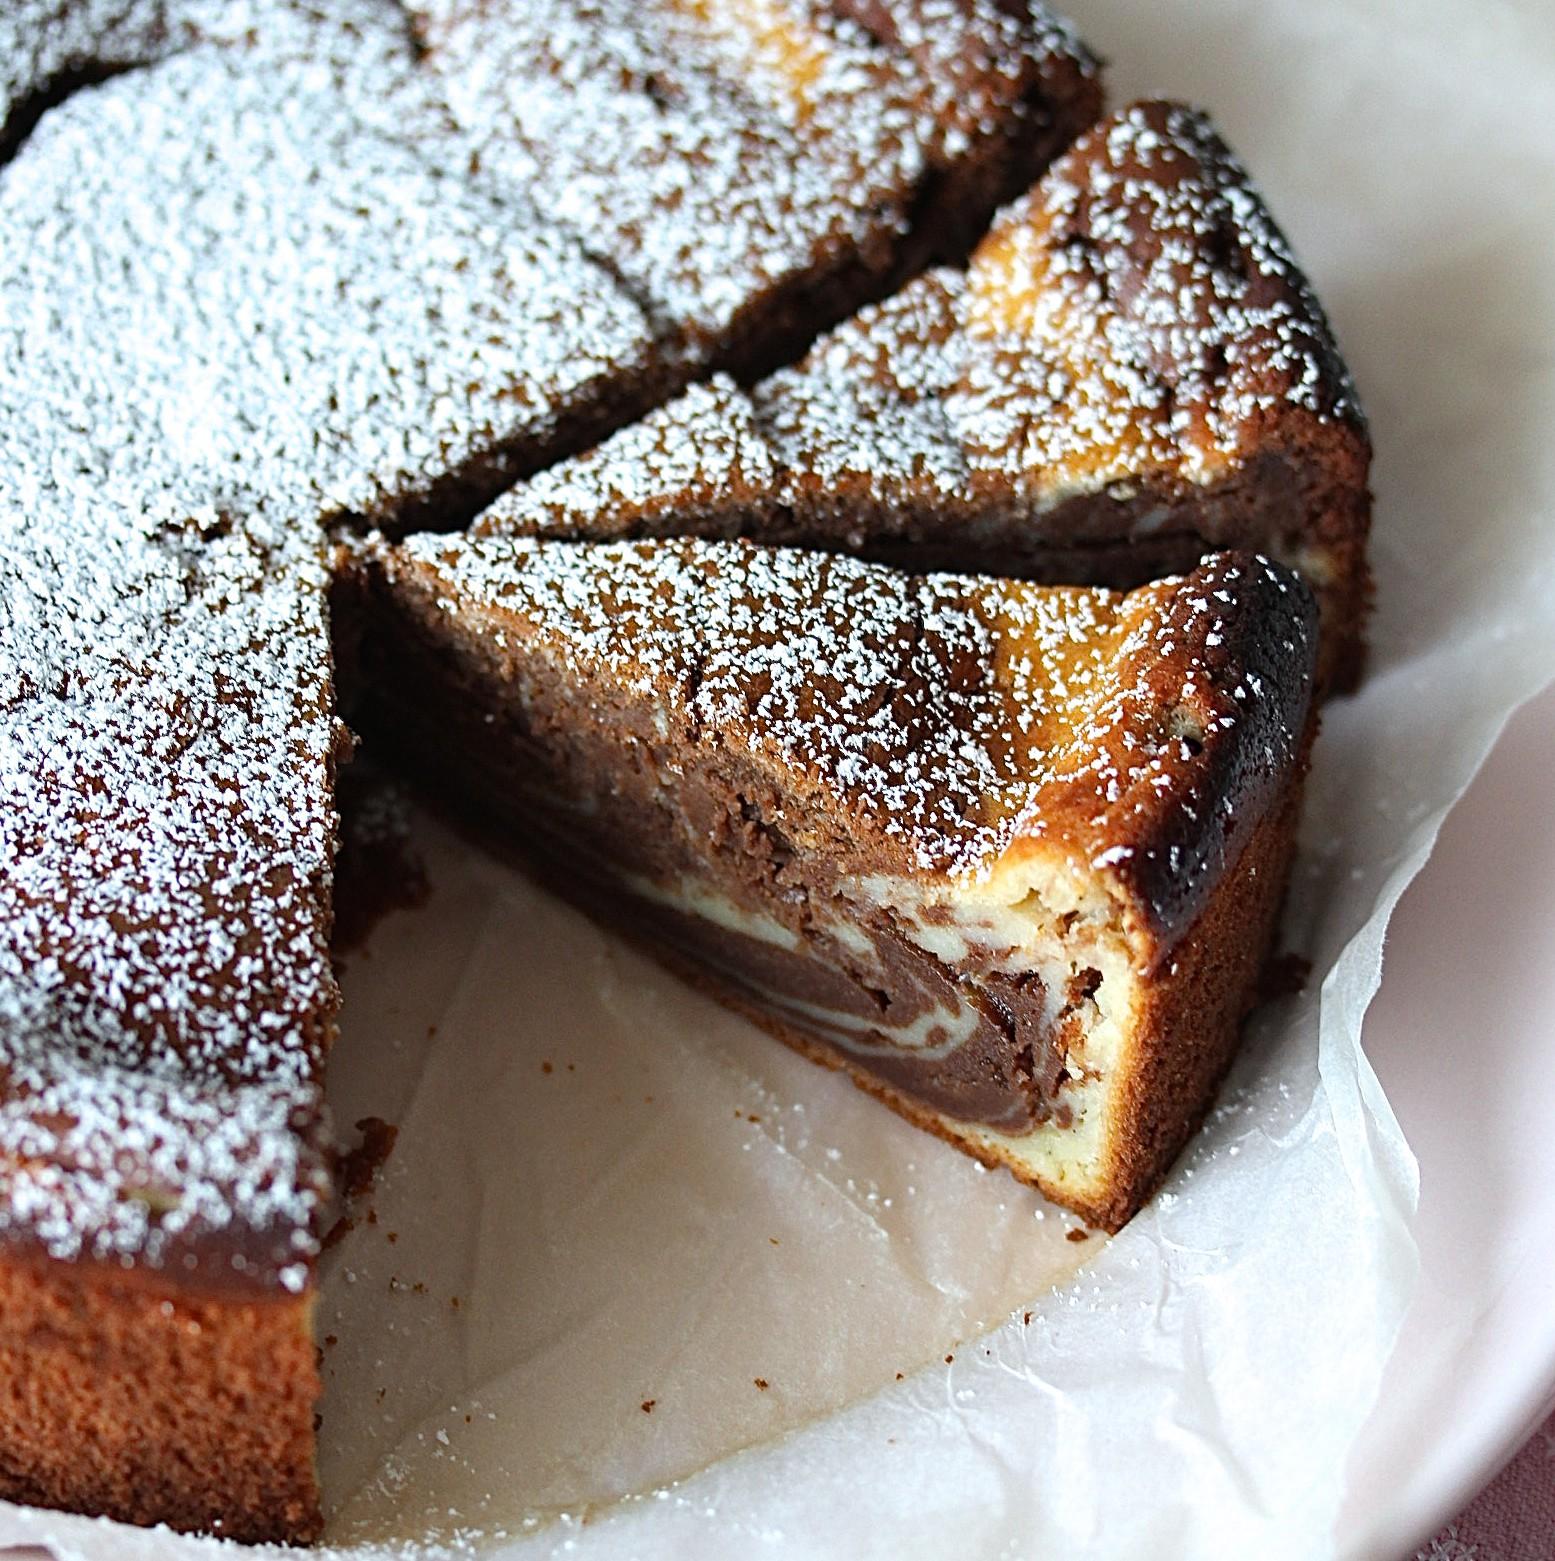 Marmor Käsekuchen Rezept Schokolade Schoko Cheesecake backen ohne Boden einfach lecker Marmorkuchen #marblecheesecake #rezept #backen #käsekuchen #cheesecake #marmorkuchen | Emma´s Lieblingsstücke